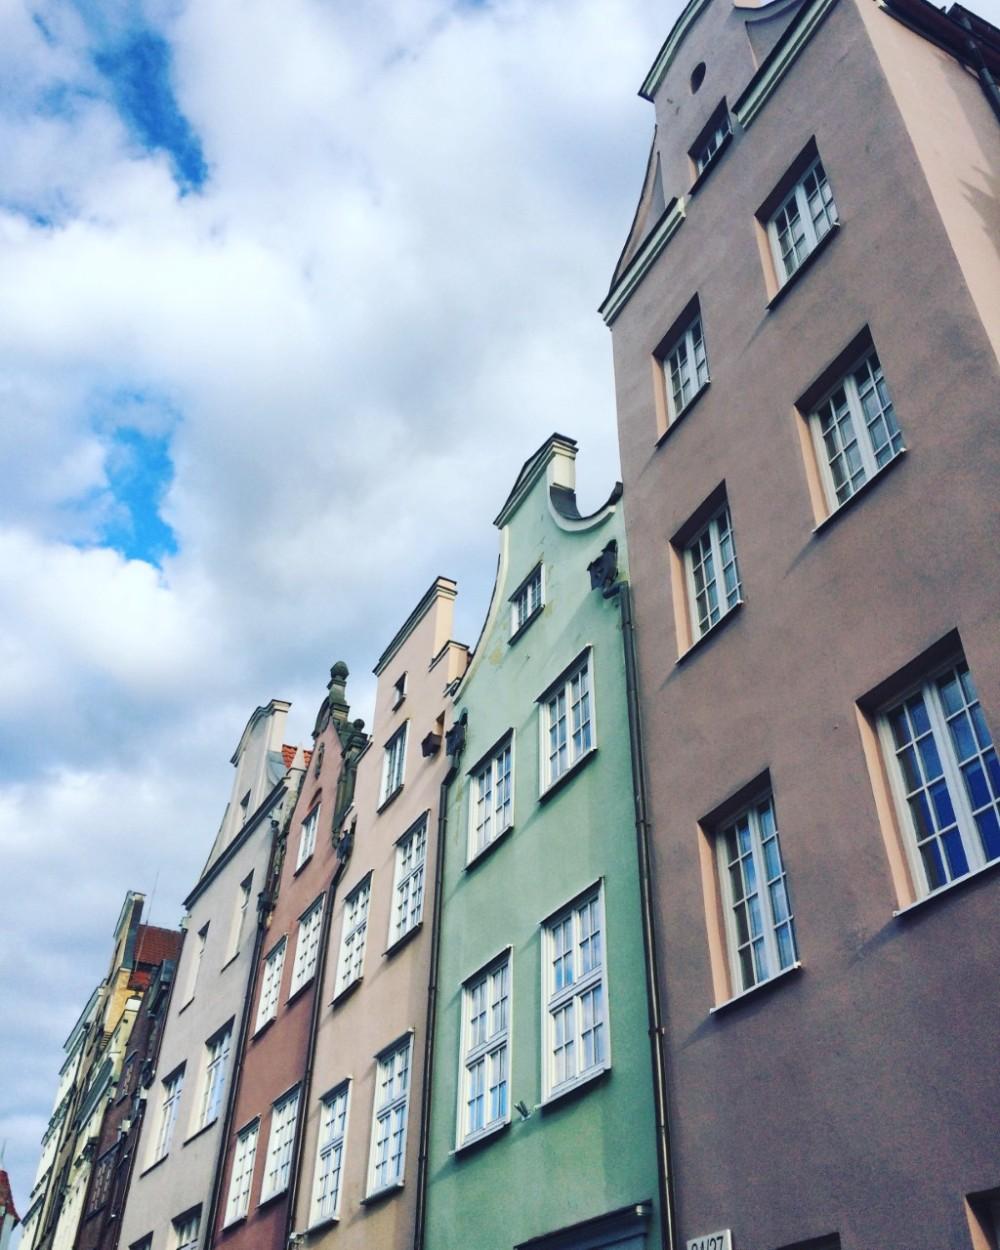 2. Gdansk Houses